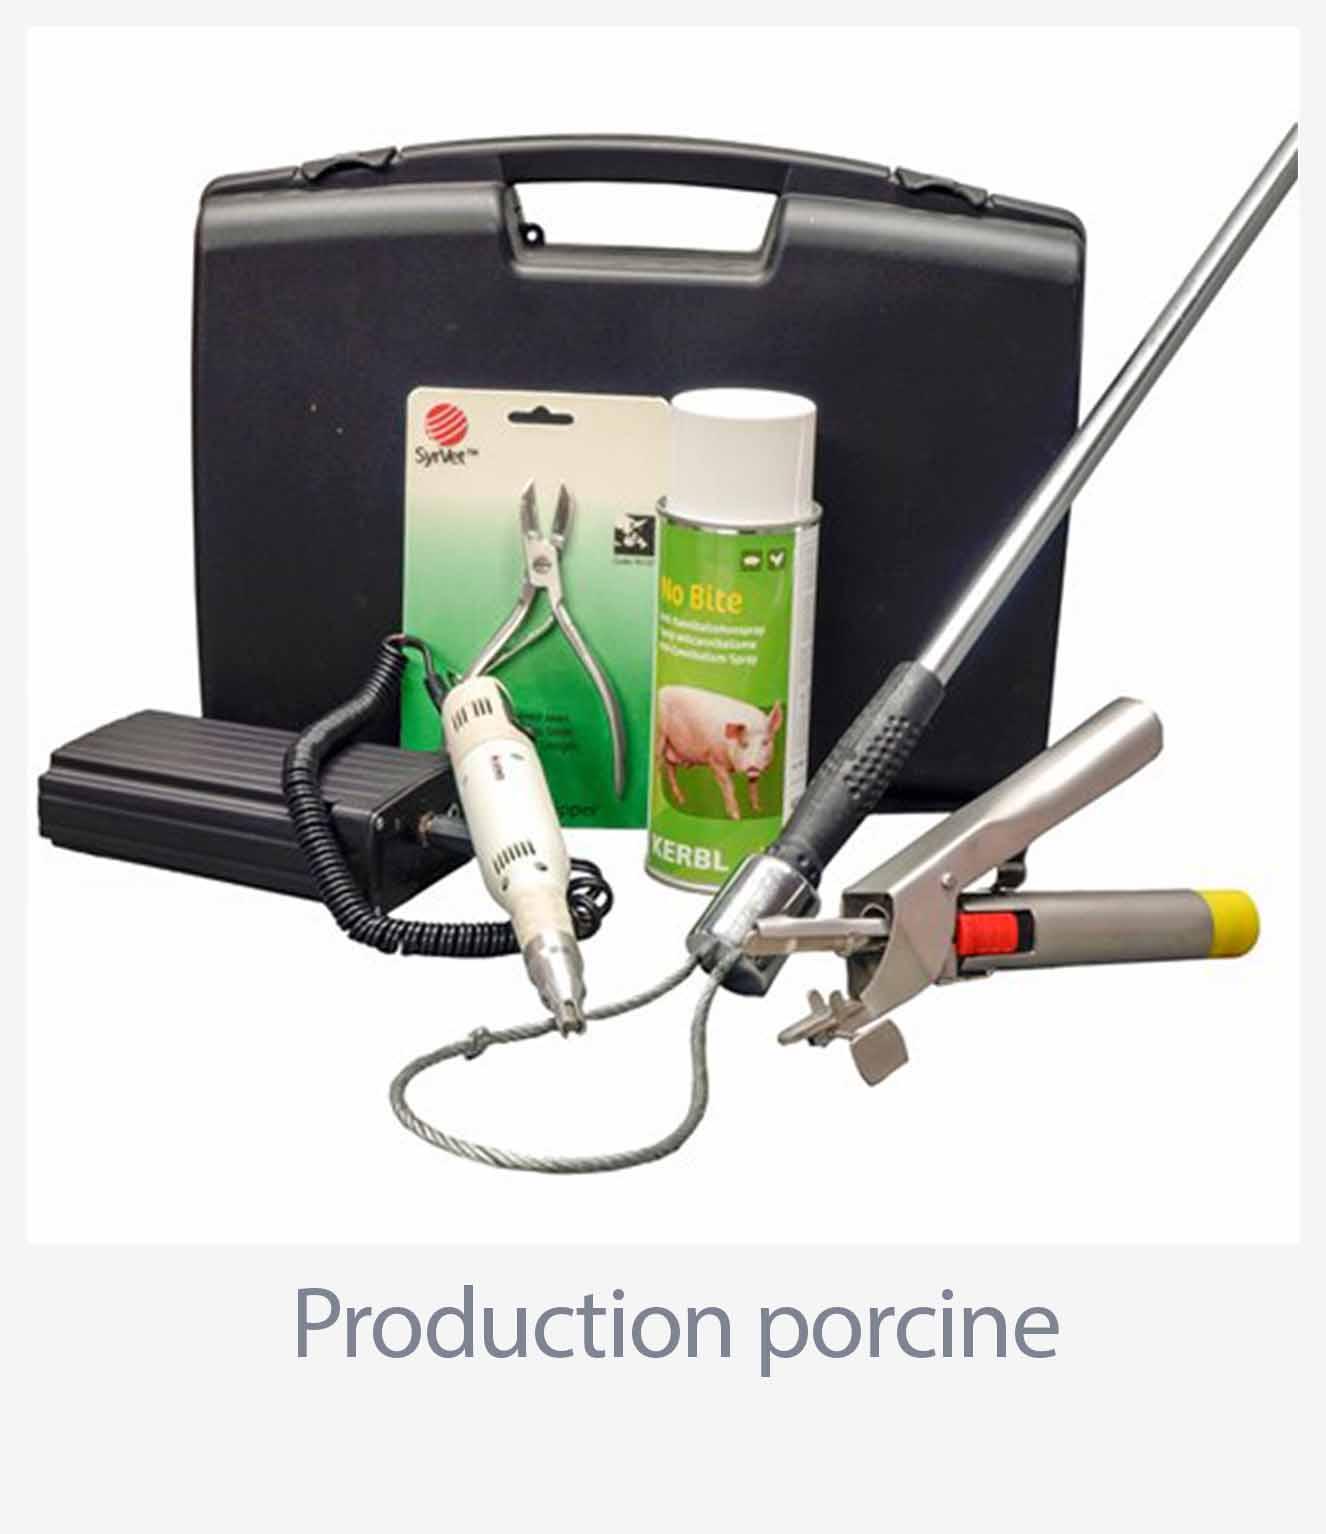 Production porcine